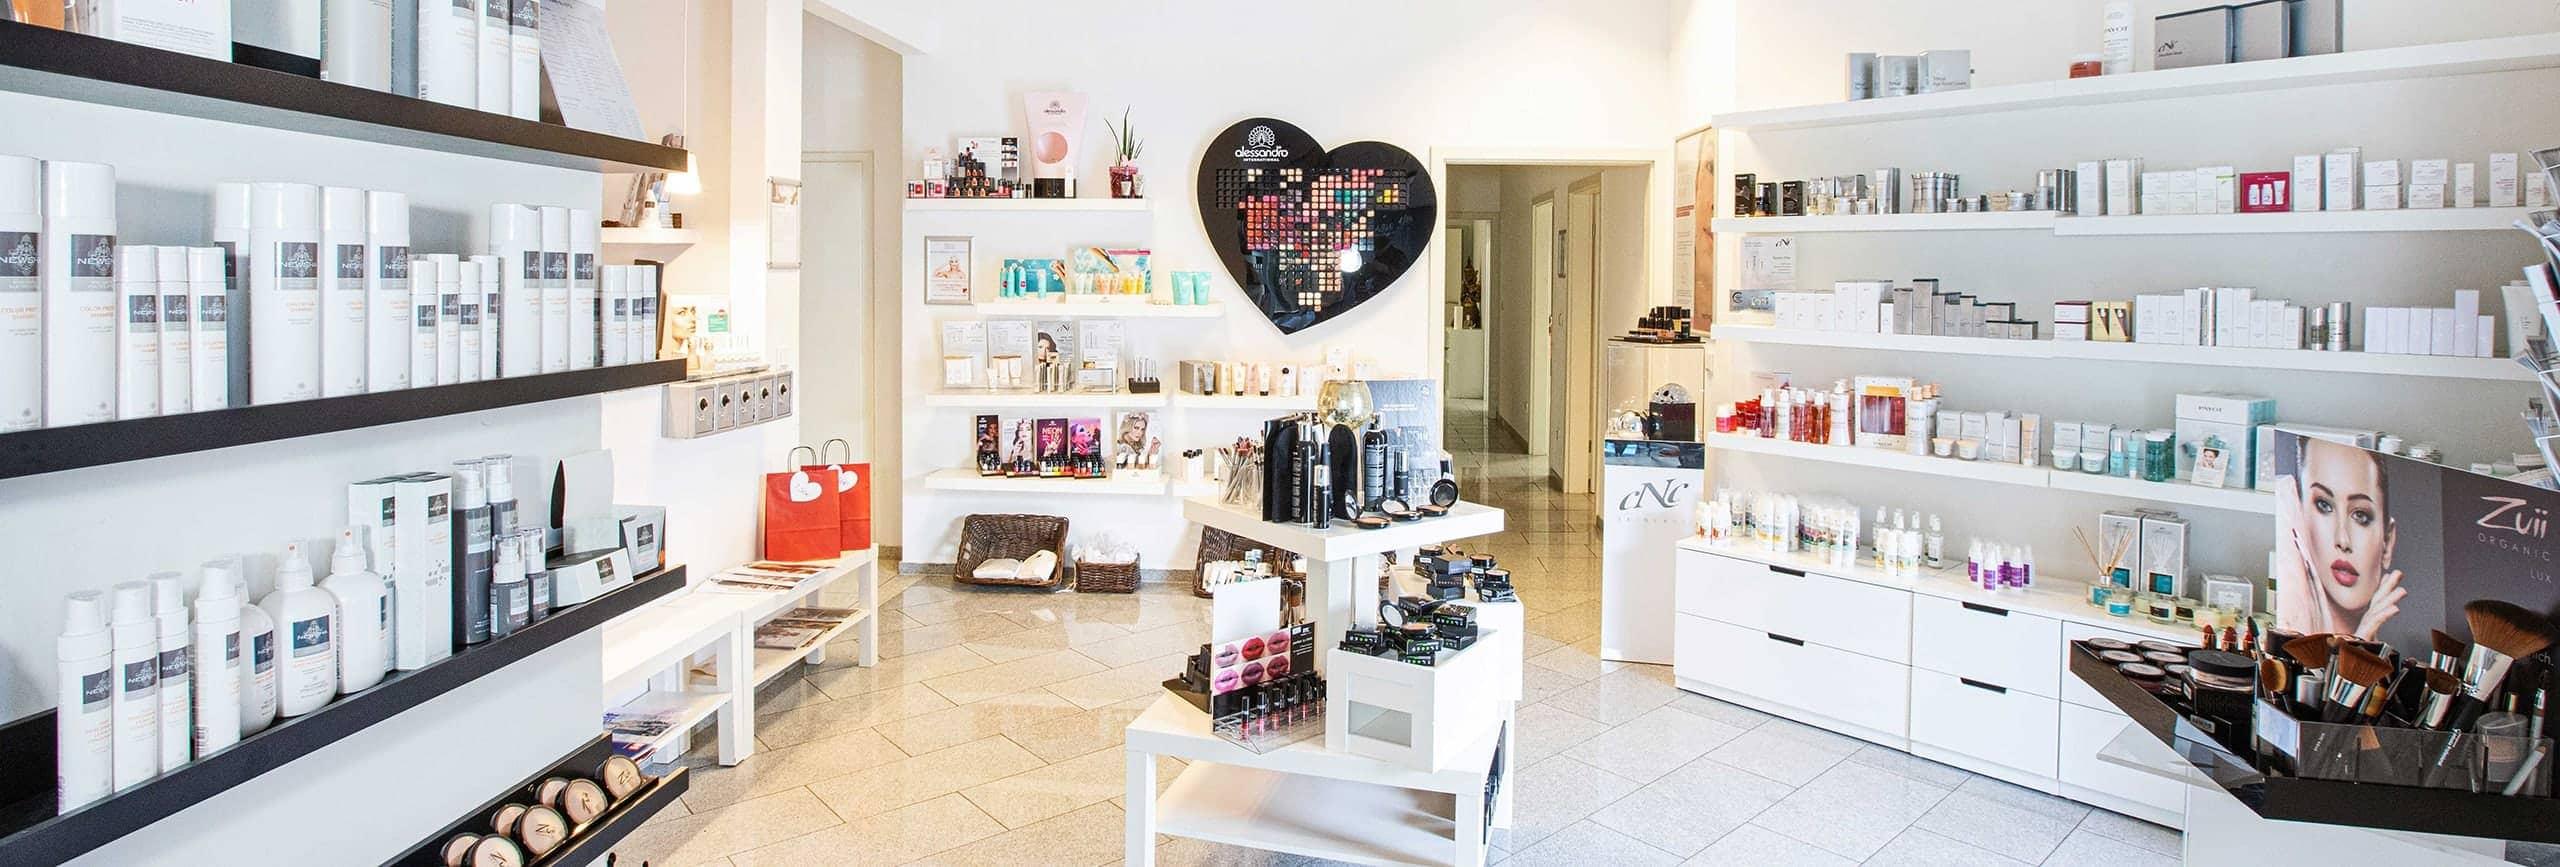 kosmetikstudio inessa beauty